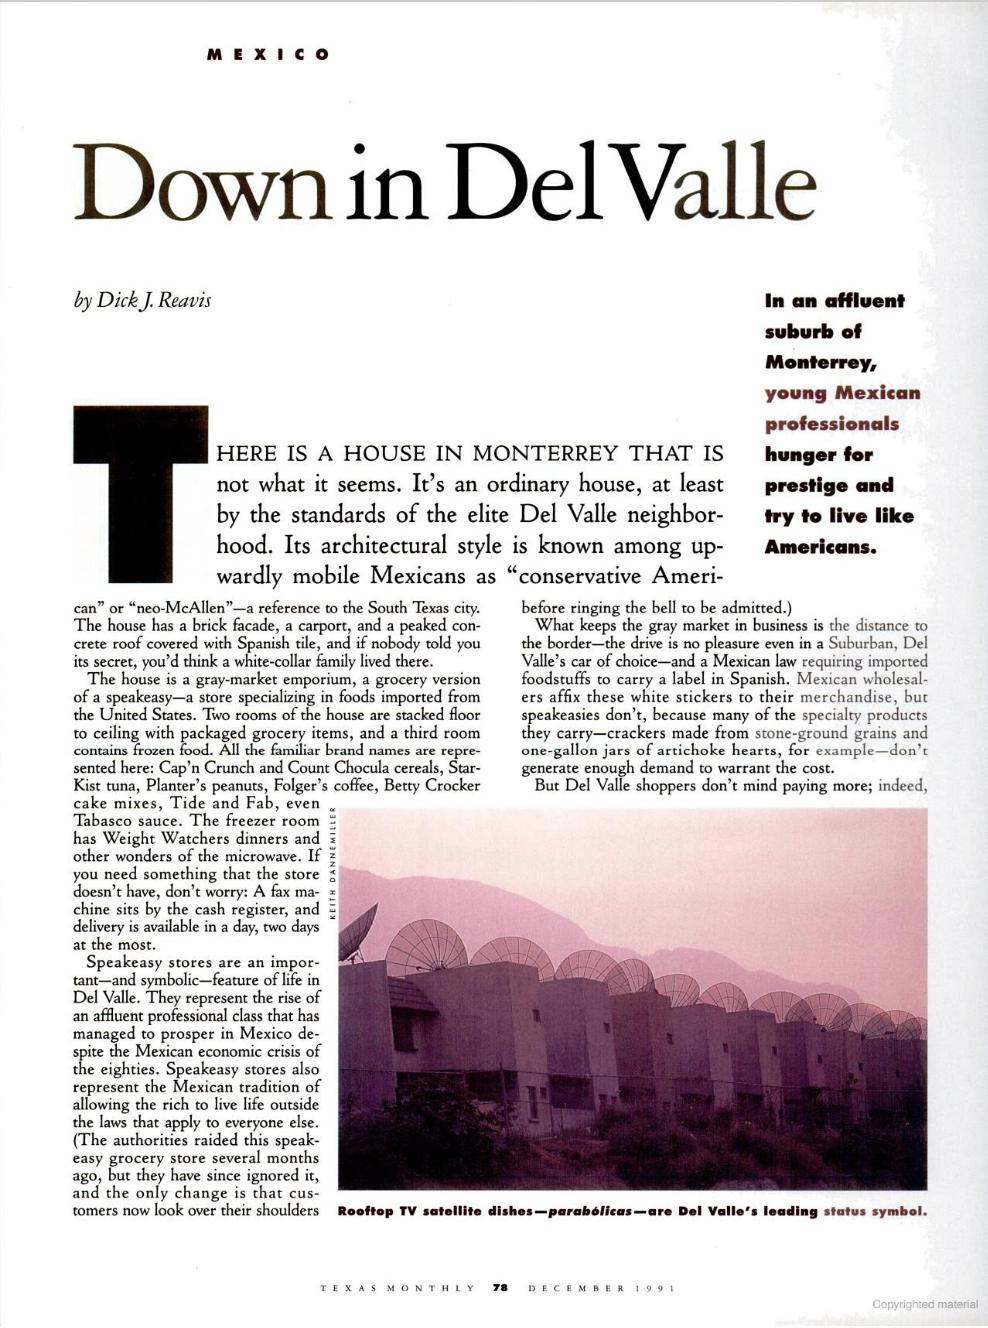 Ejemplar de la revista   Texas Monthly  en su edición diciembre 1991, disponible  aquí .